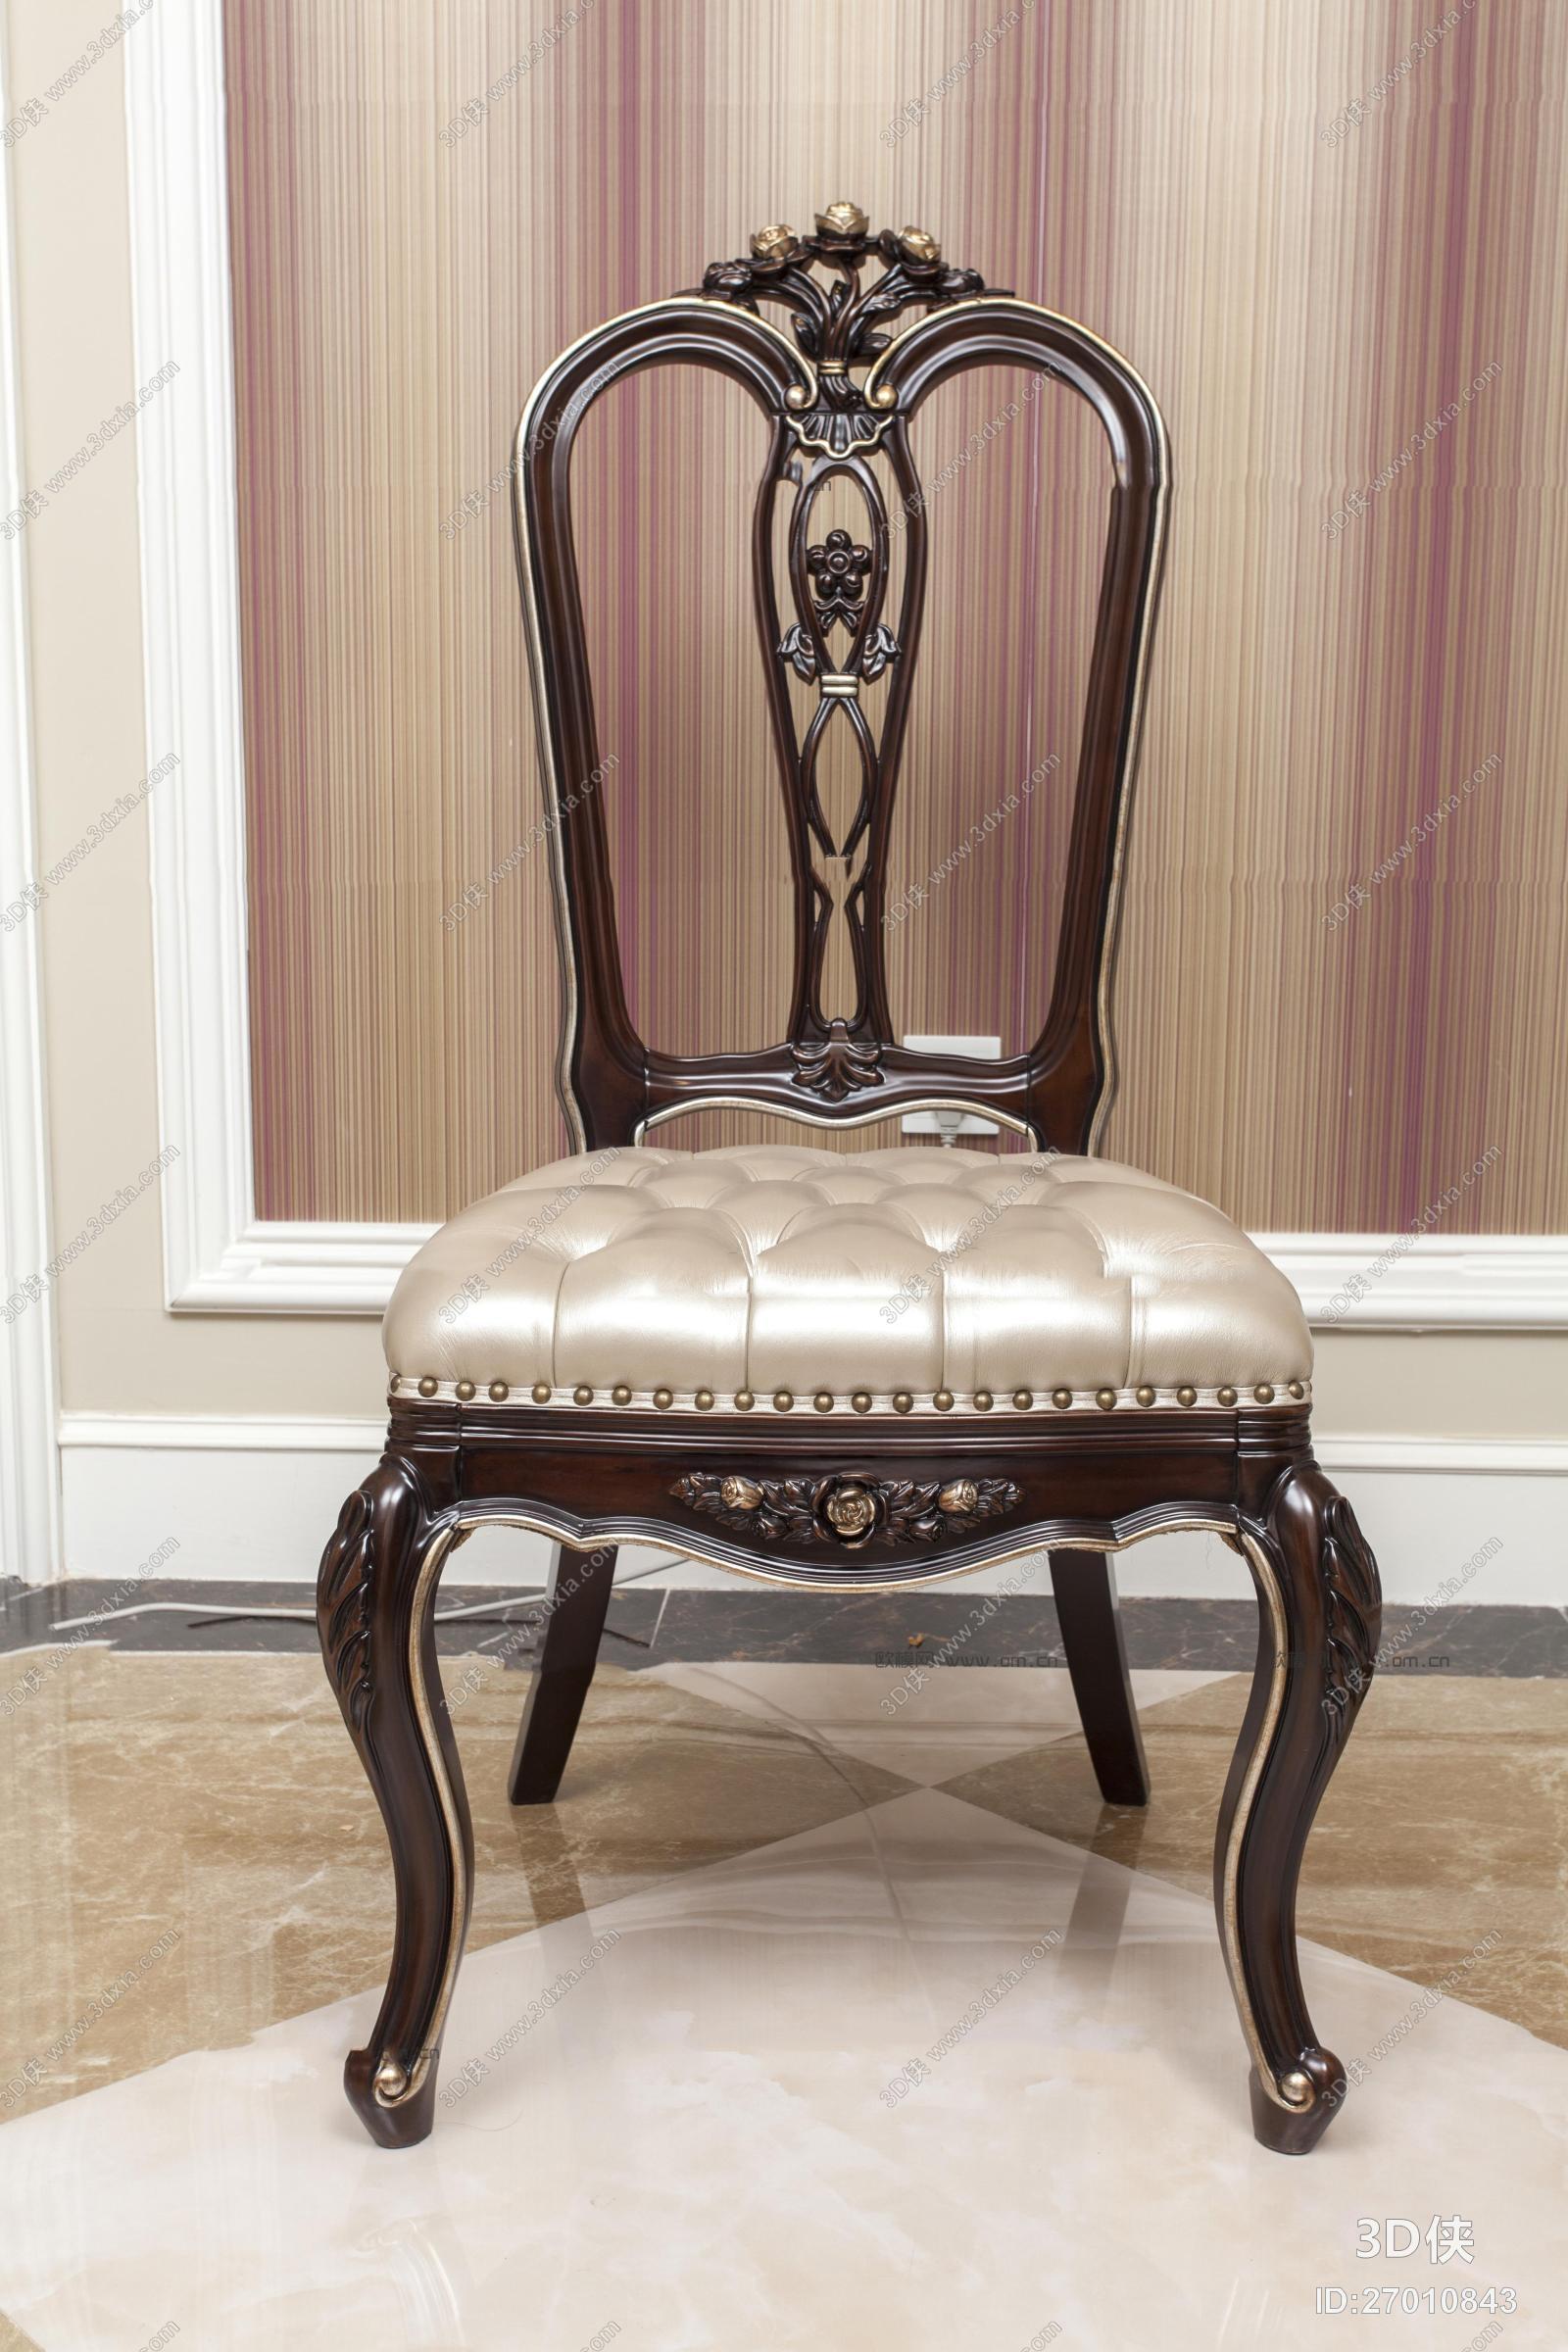 家具 椅子凳子 休闲椅 单椅 欧式雕花皮革单椅3d模型【id:27010843】